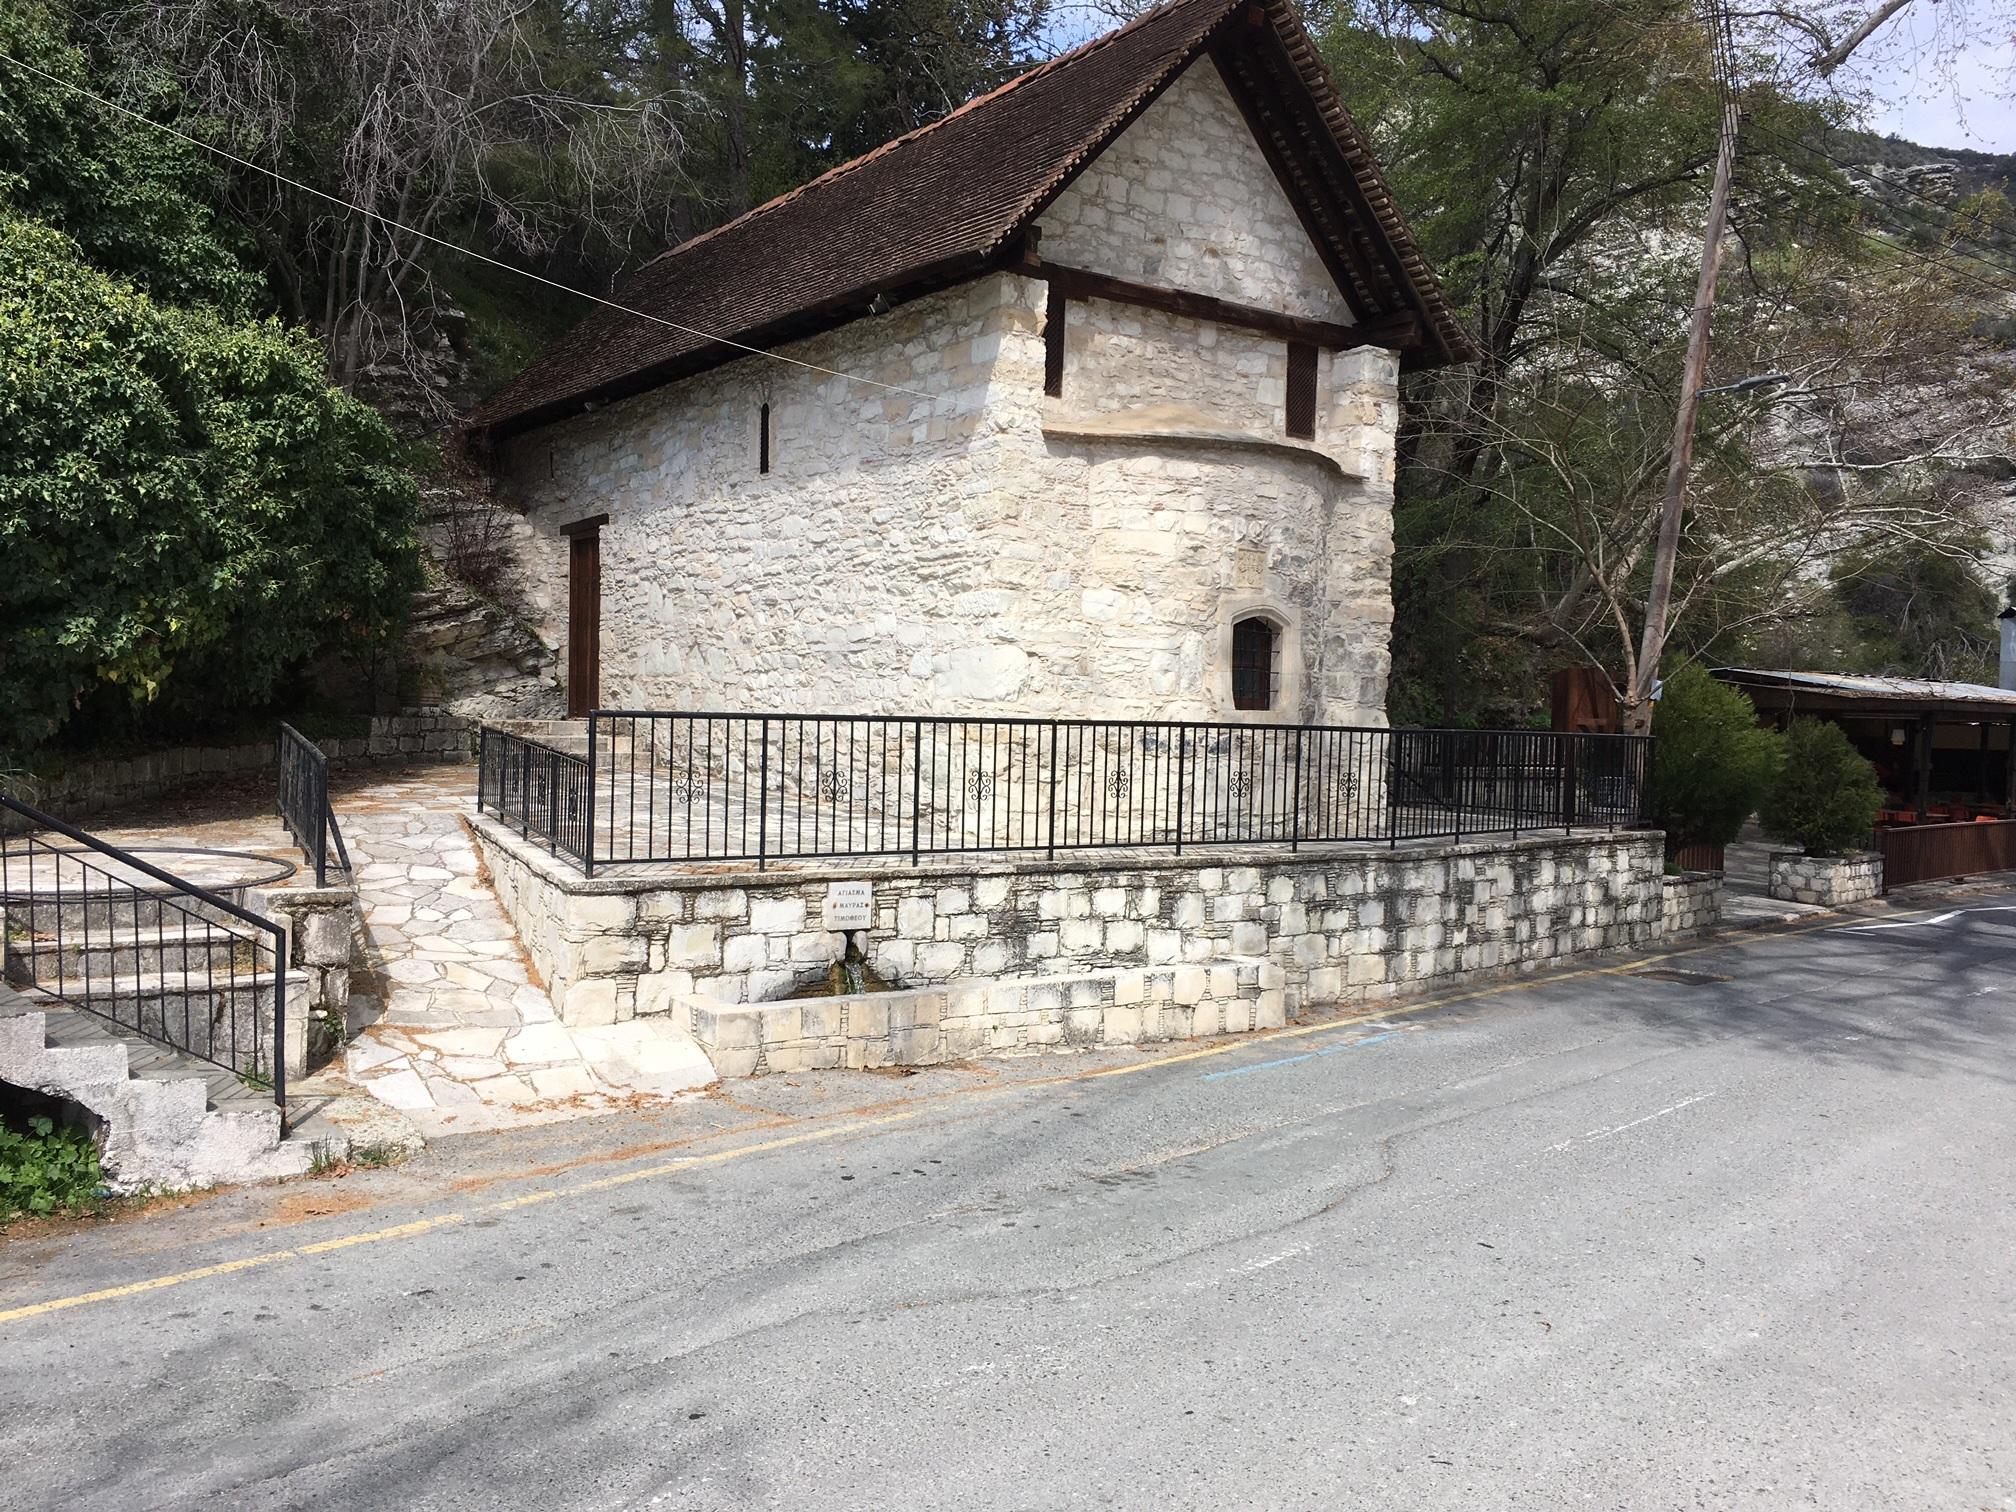 Ανάμεσα στα πιο εξέχοντα αξιοθέατα που θα συναντήσει κανείς στο Κοιλάνι είναι και το εκκλησάκι της Αγίας Μαύρης.